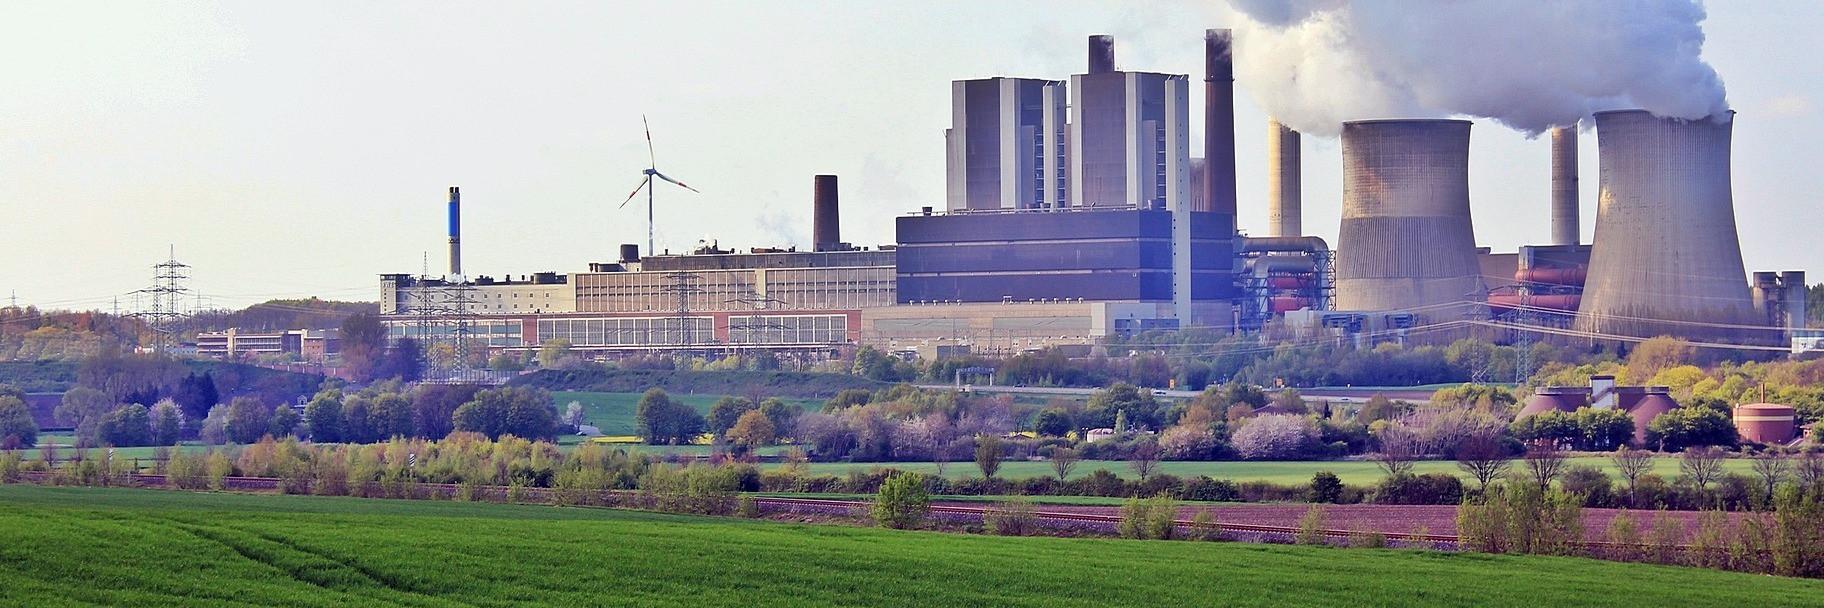 Комплектующие для энергетической отрасли